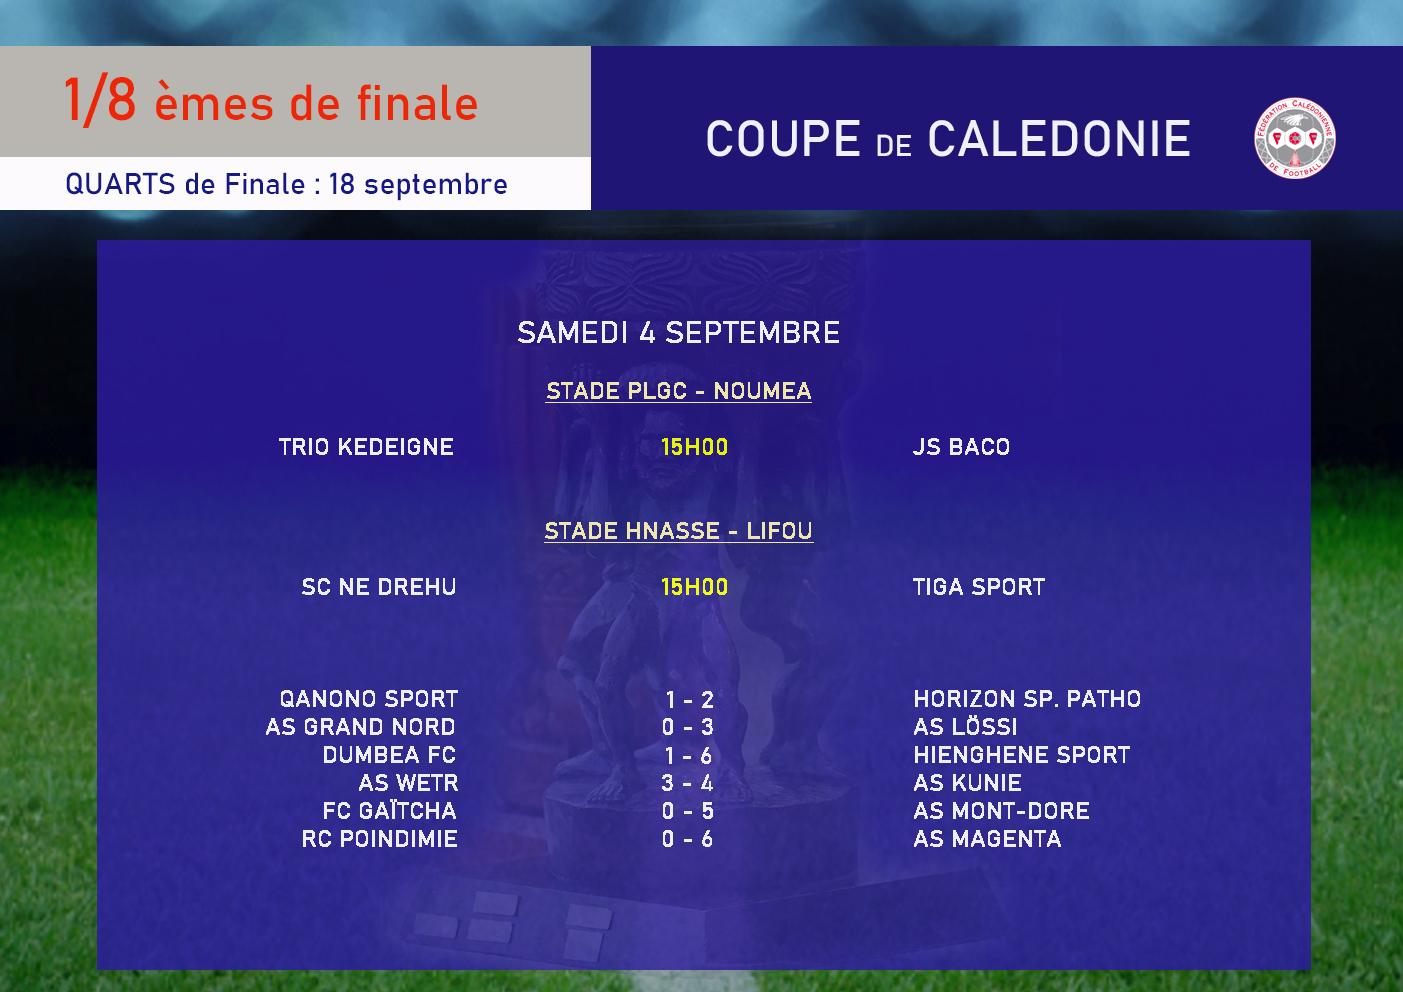 TRIO Kejëny : la COUPE pour briller, avant les 60 ans / Huitièmes de finale : TRIO vs BACO (ce samedi - 15h00 à PLGC)